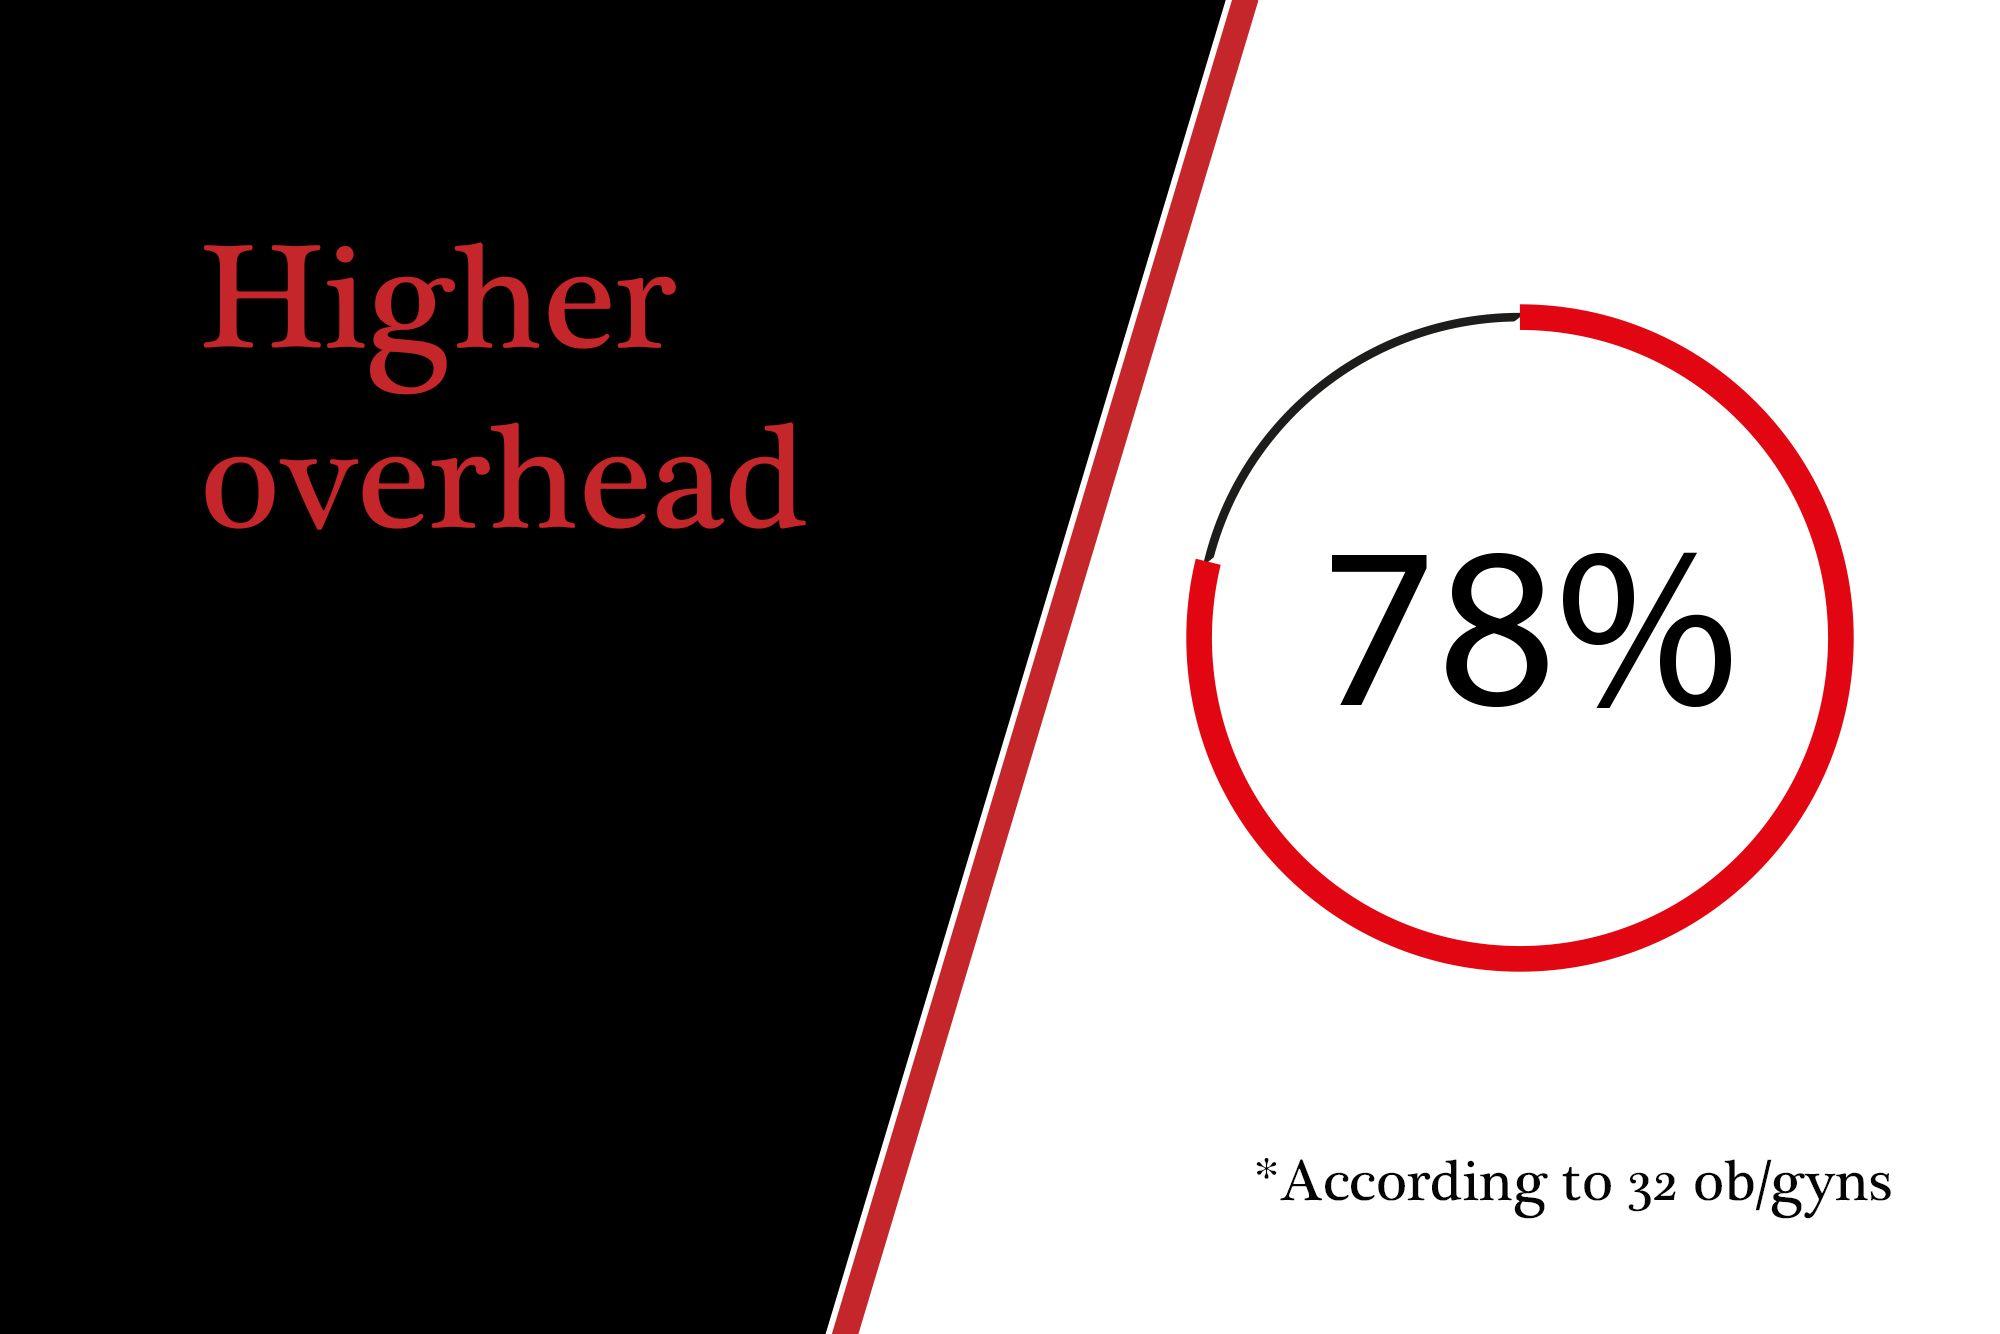 Higher overhead